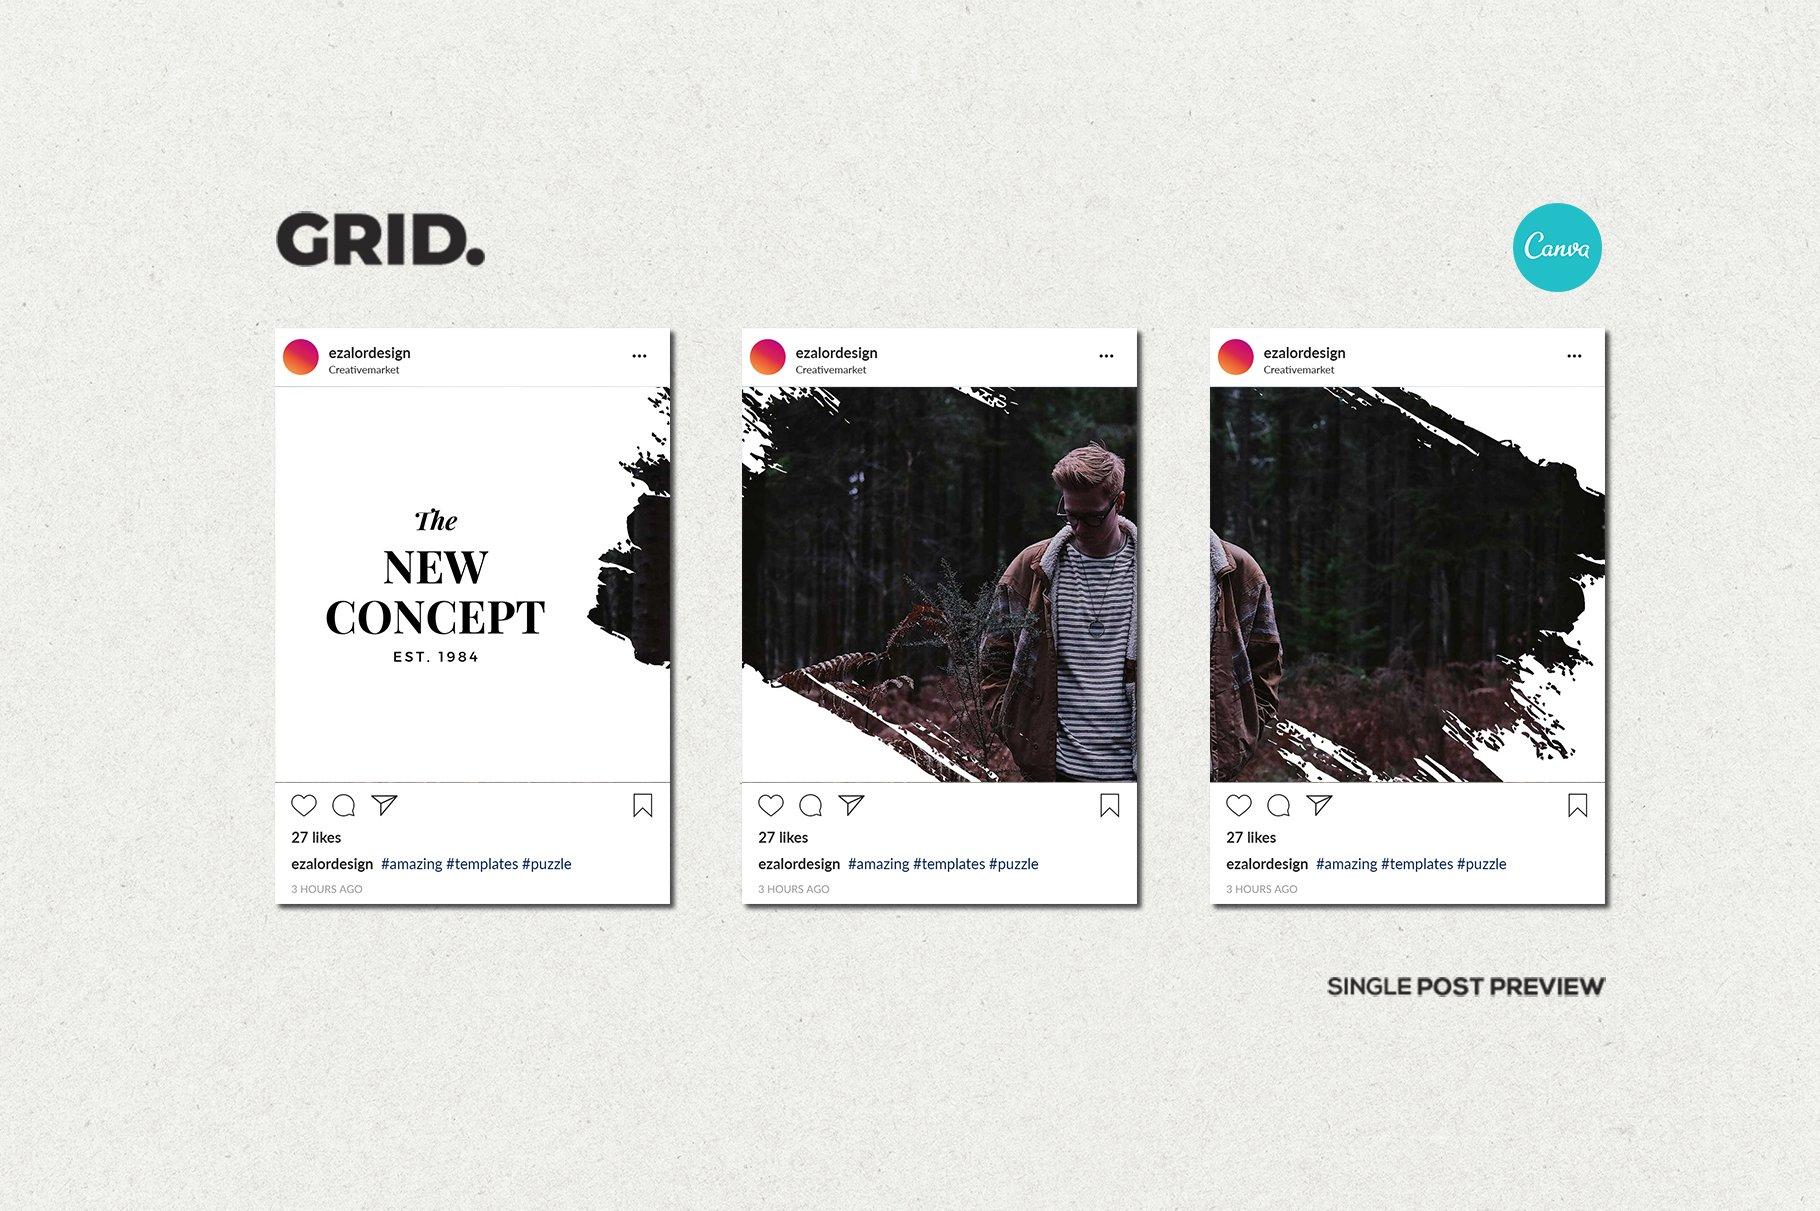 毛笔笔刷效果新媒体电商海报设计PSD模板 Agenda Insta Grid (Triple Posts)插图(10)